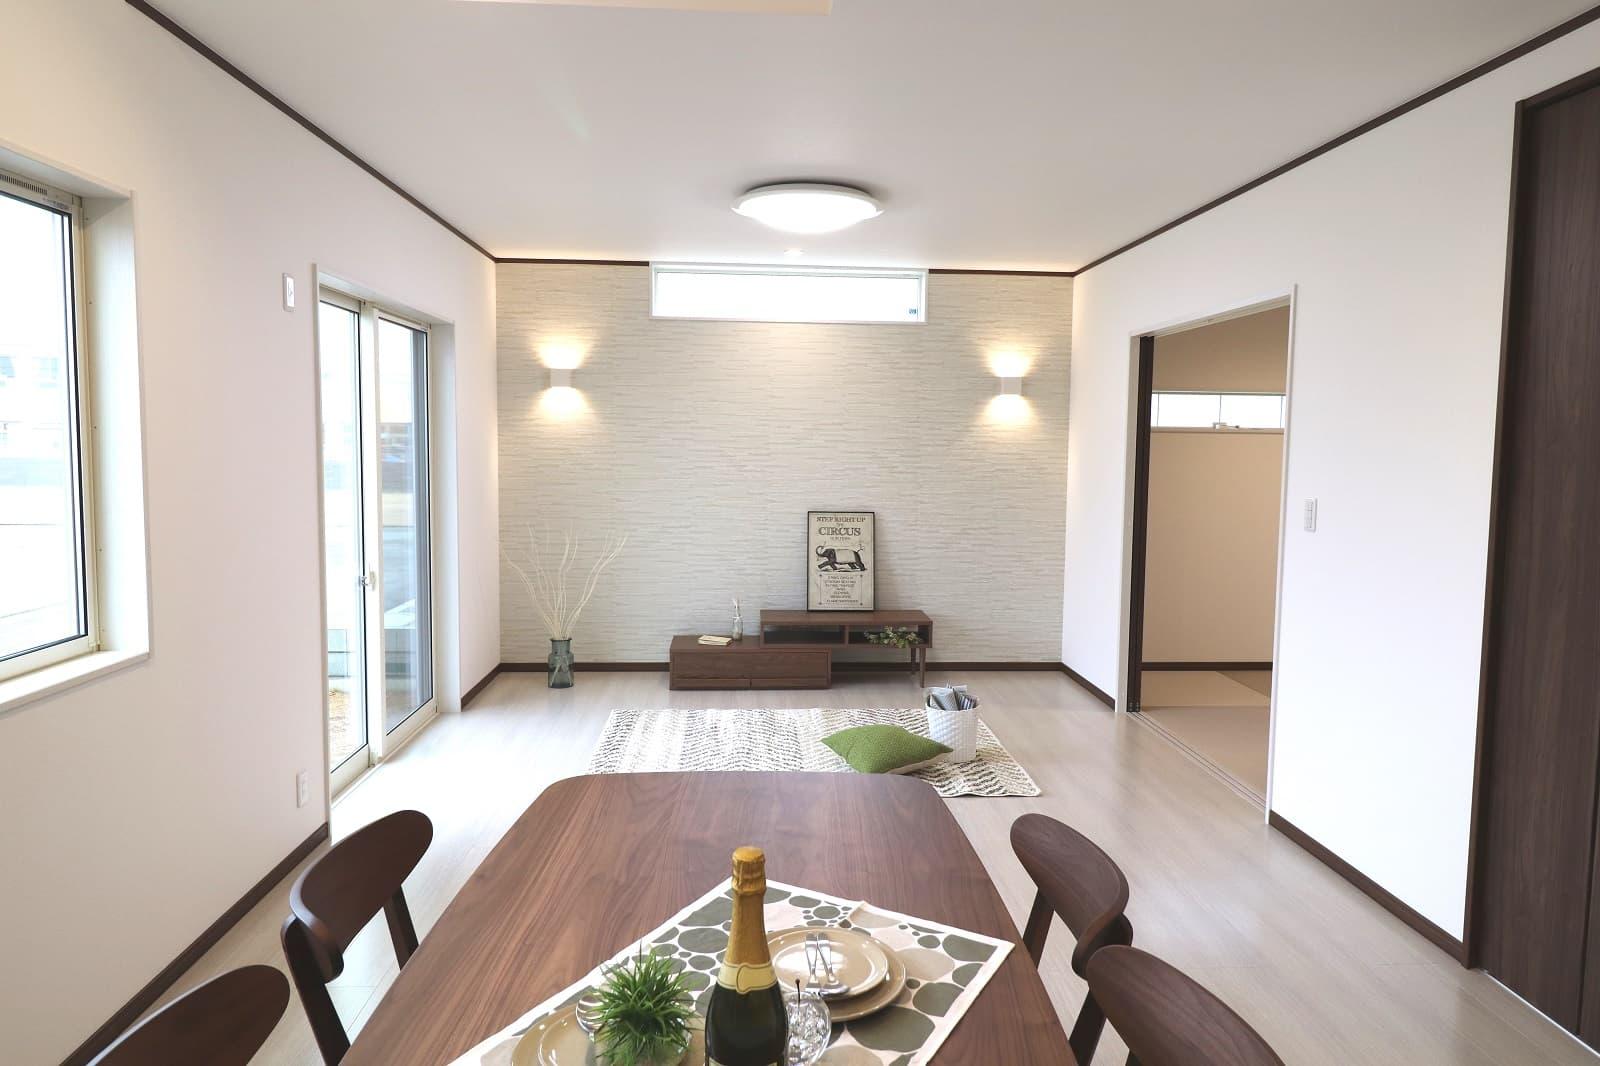 高松市六条の新築分譲住宅明るいリビングスペース